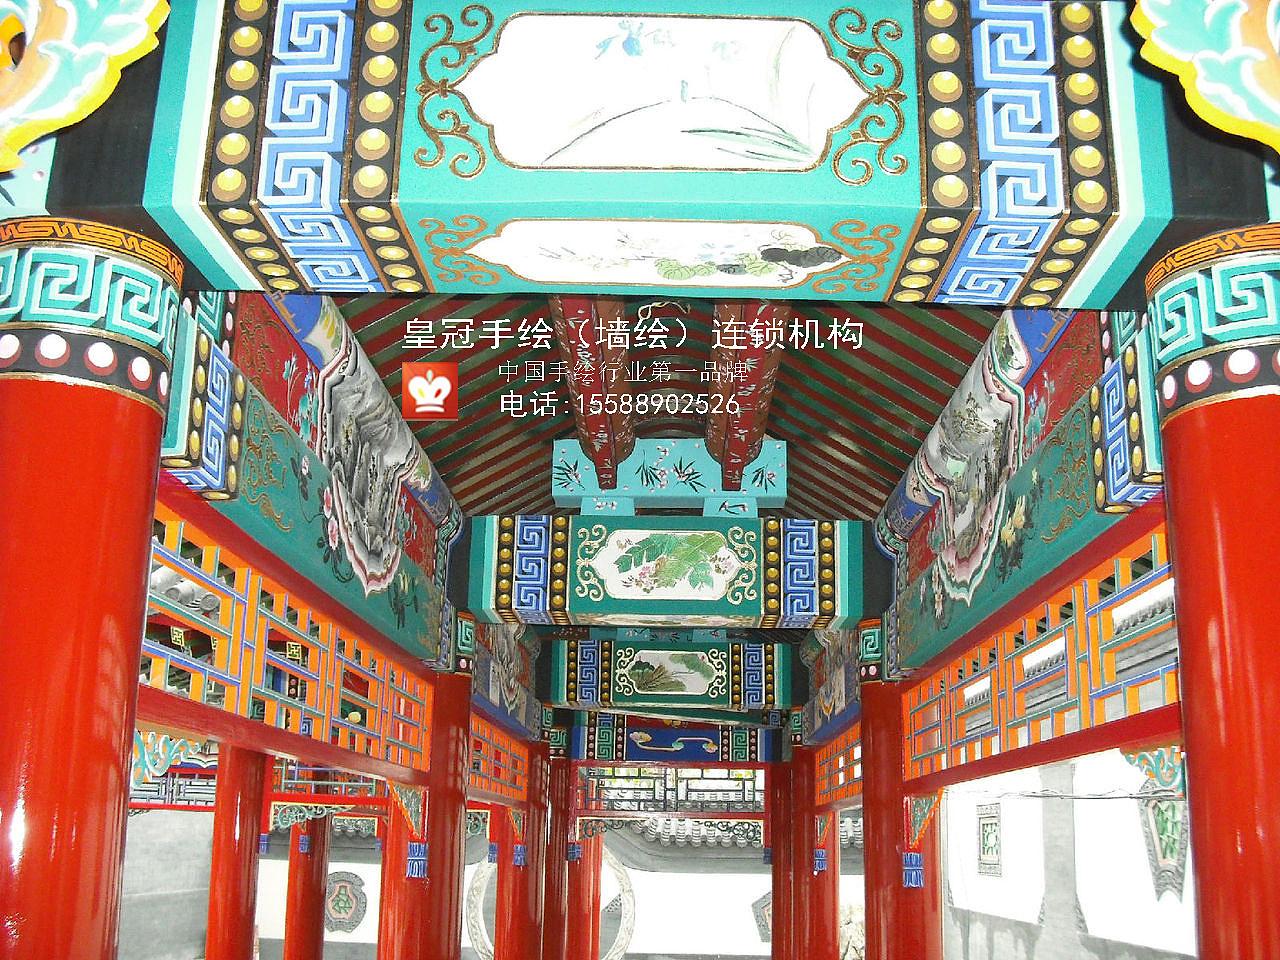 古建筑彩绘|插画|其他插画|临沂皇冠手绘 - 原创作品